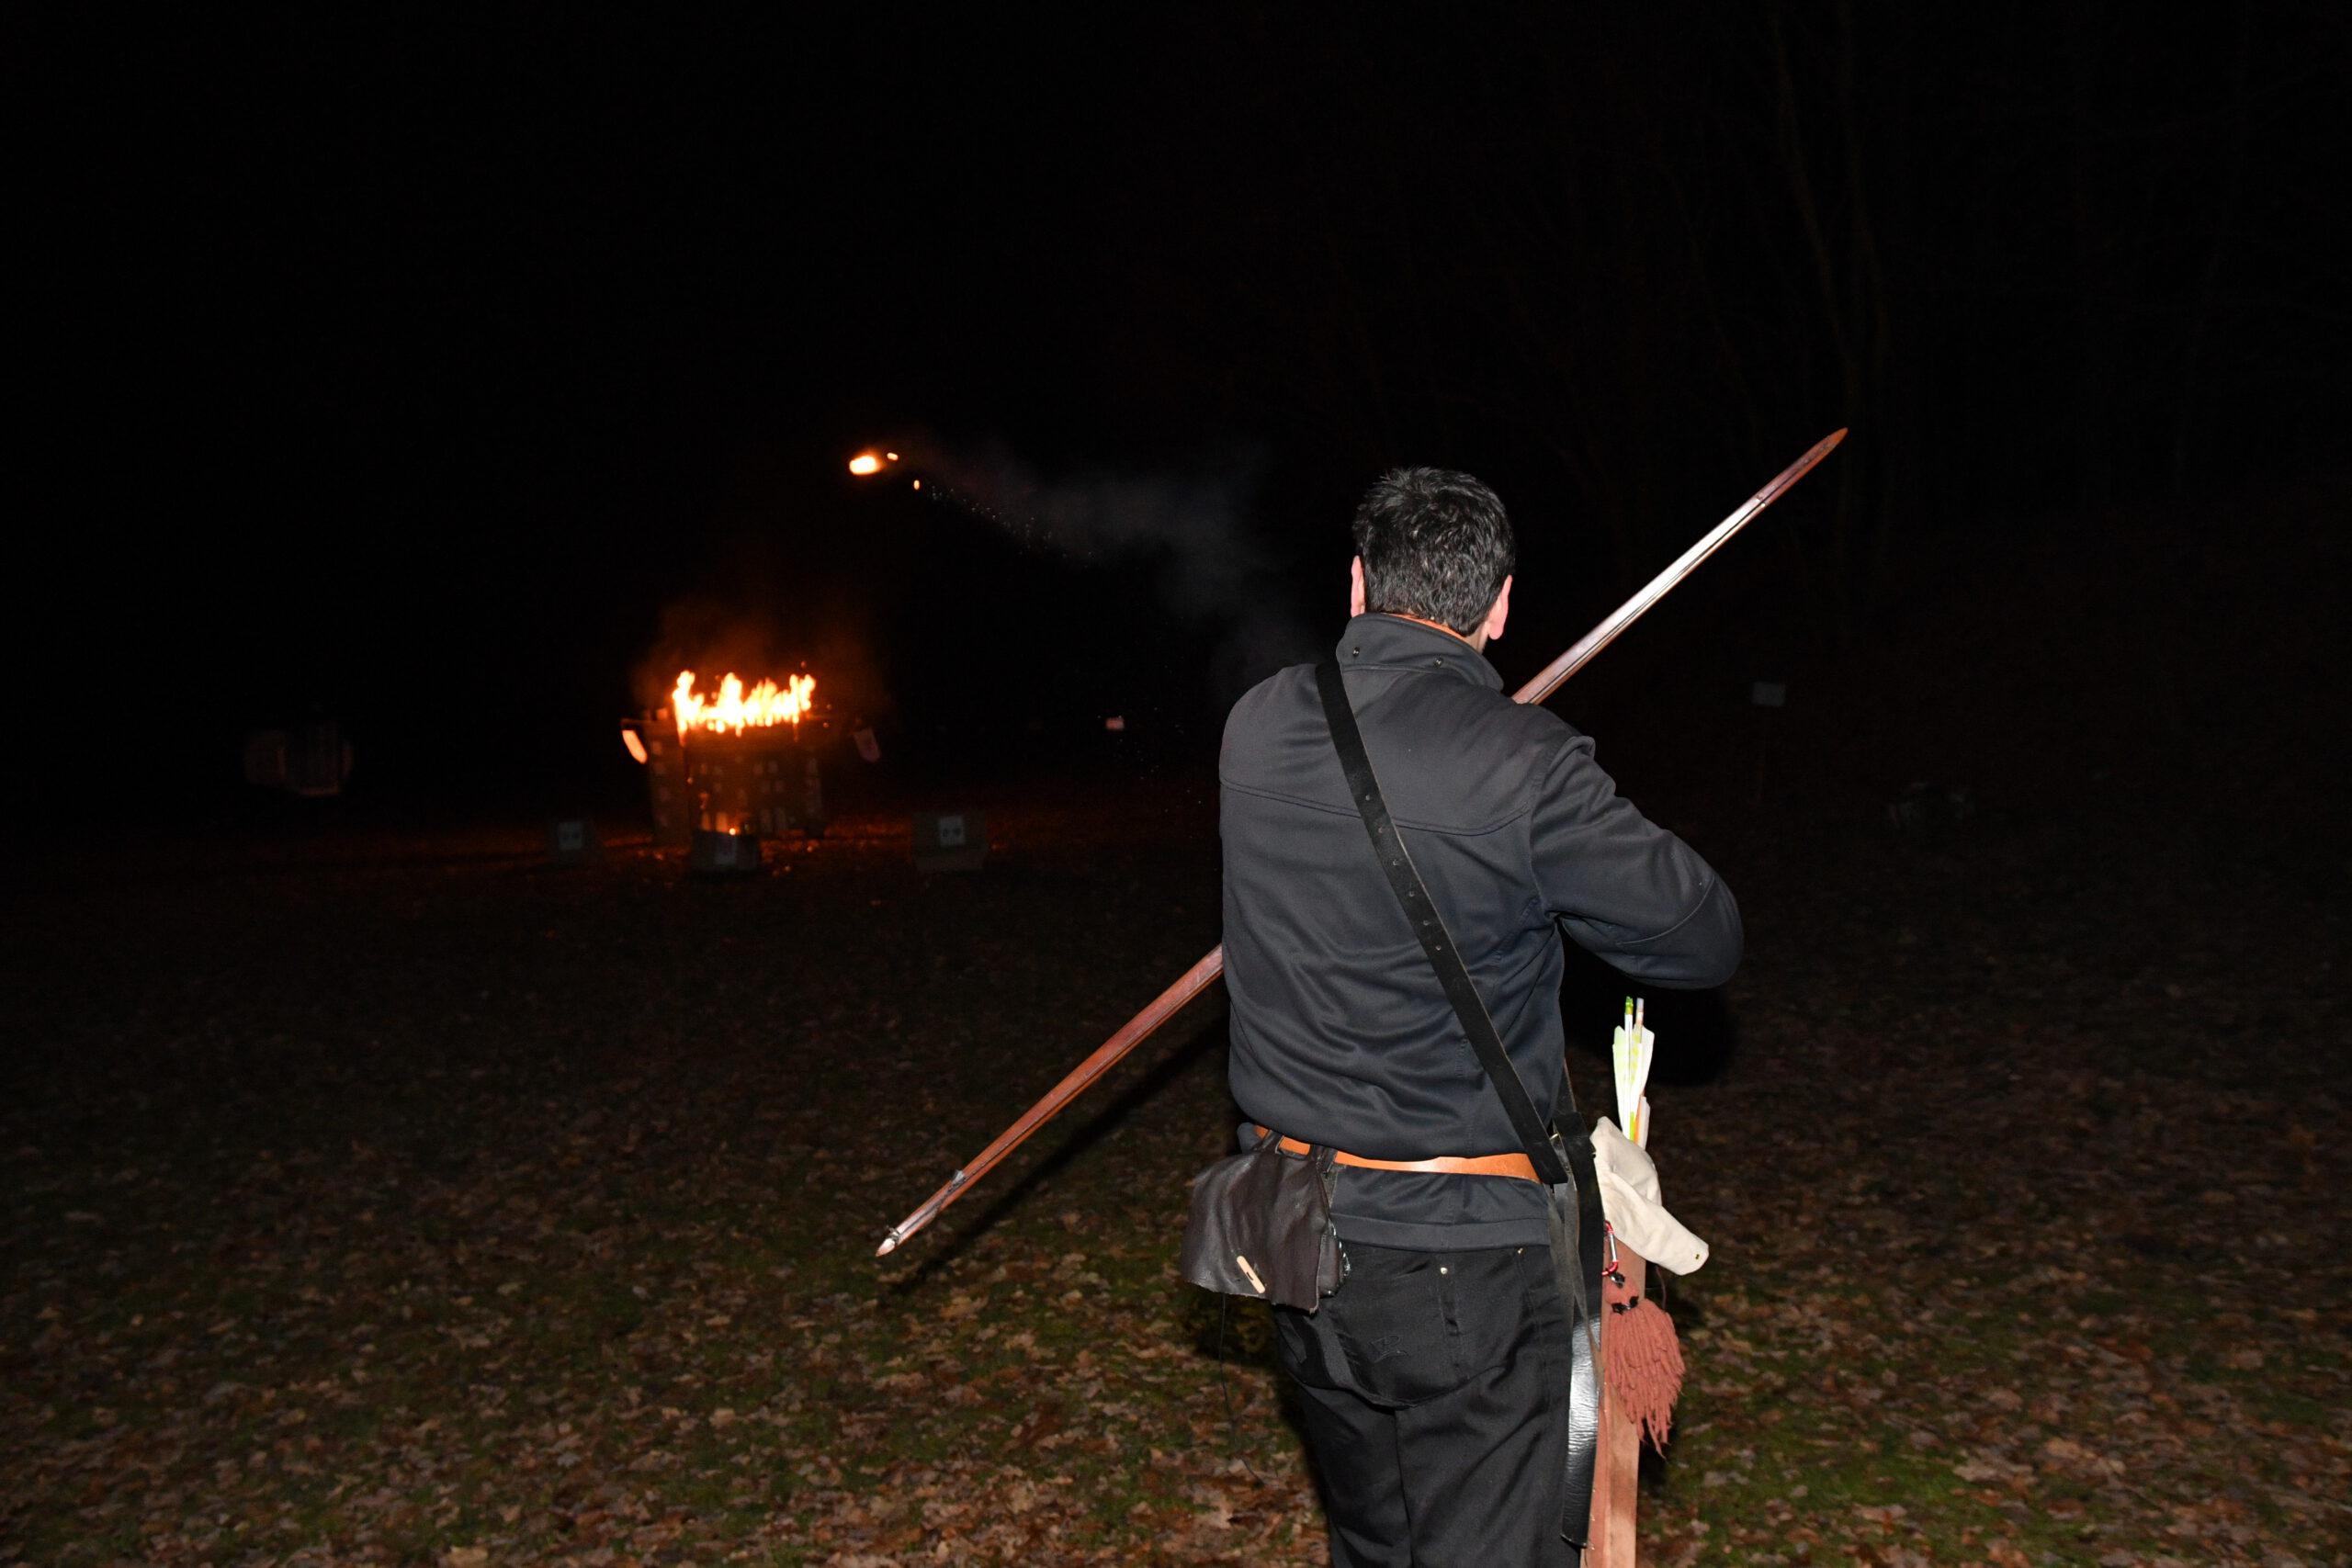 Brandpfeile in der Gilde 03.01.2020